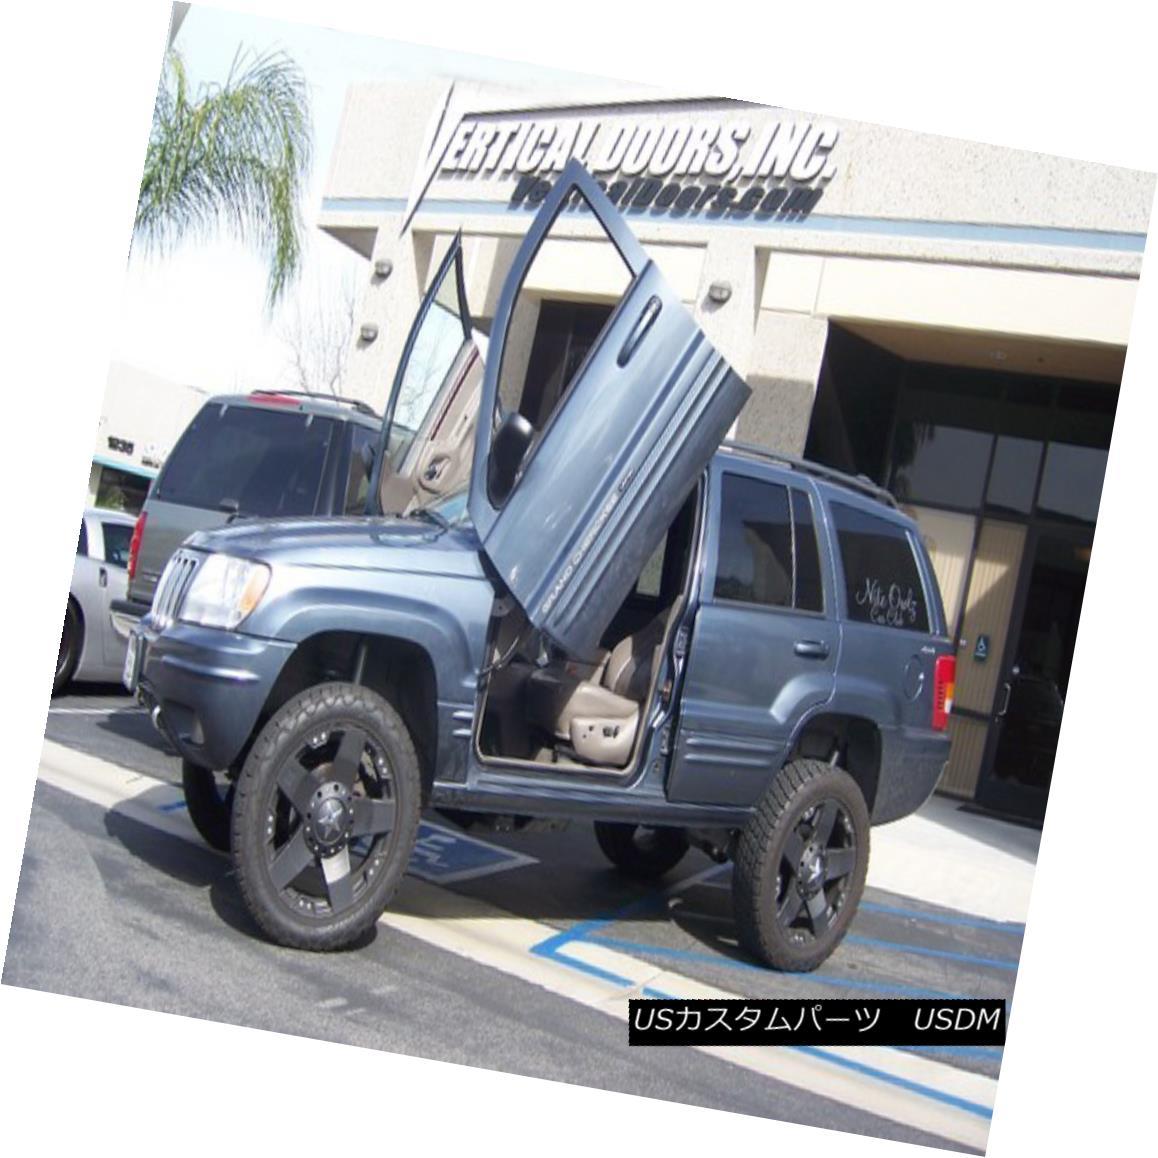 ガルウィングキット Direct Bolt On Vertical Lambo Doors Hinges Kit With Warranty VDCJCHER9904 VDCJCHER9904保証付き垂直ランボルフトドアヒンジキットの直接ボルト